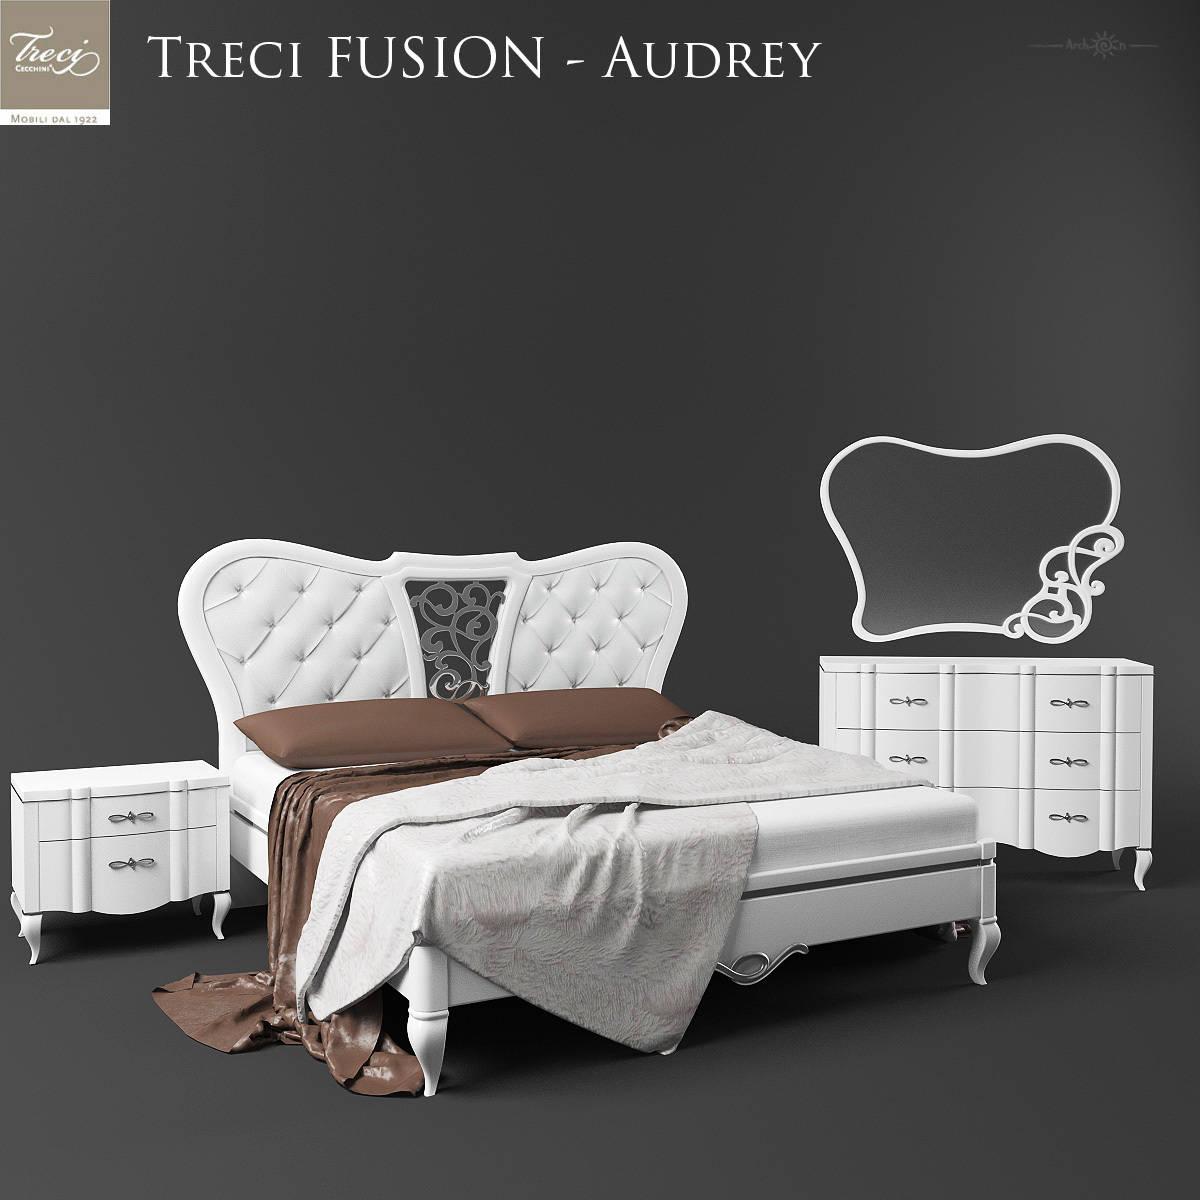 Archon-ua 3d models